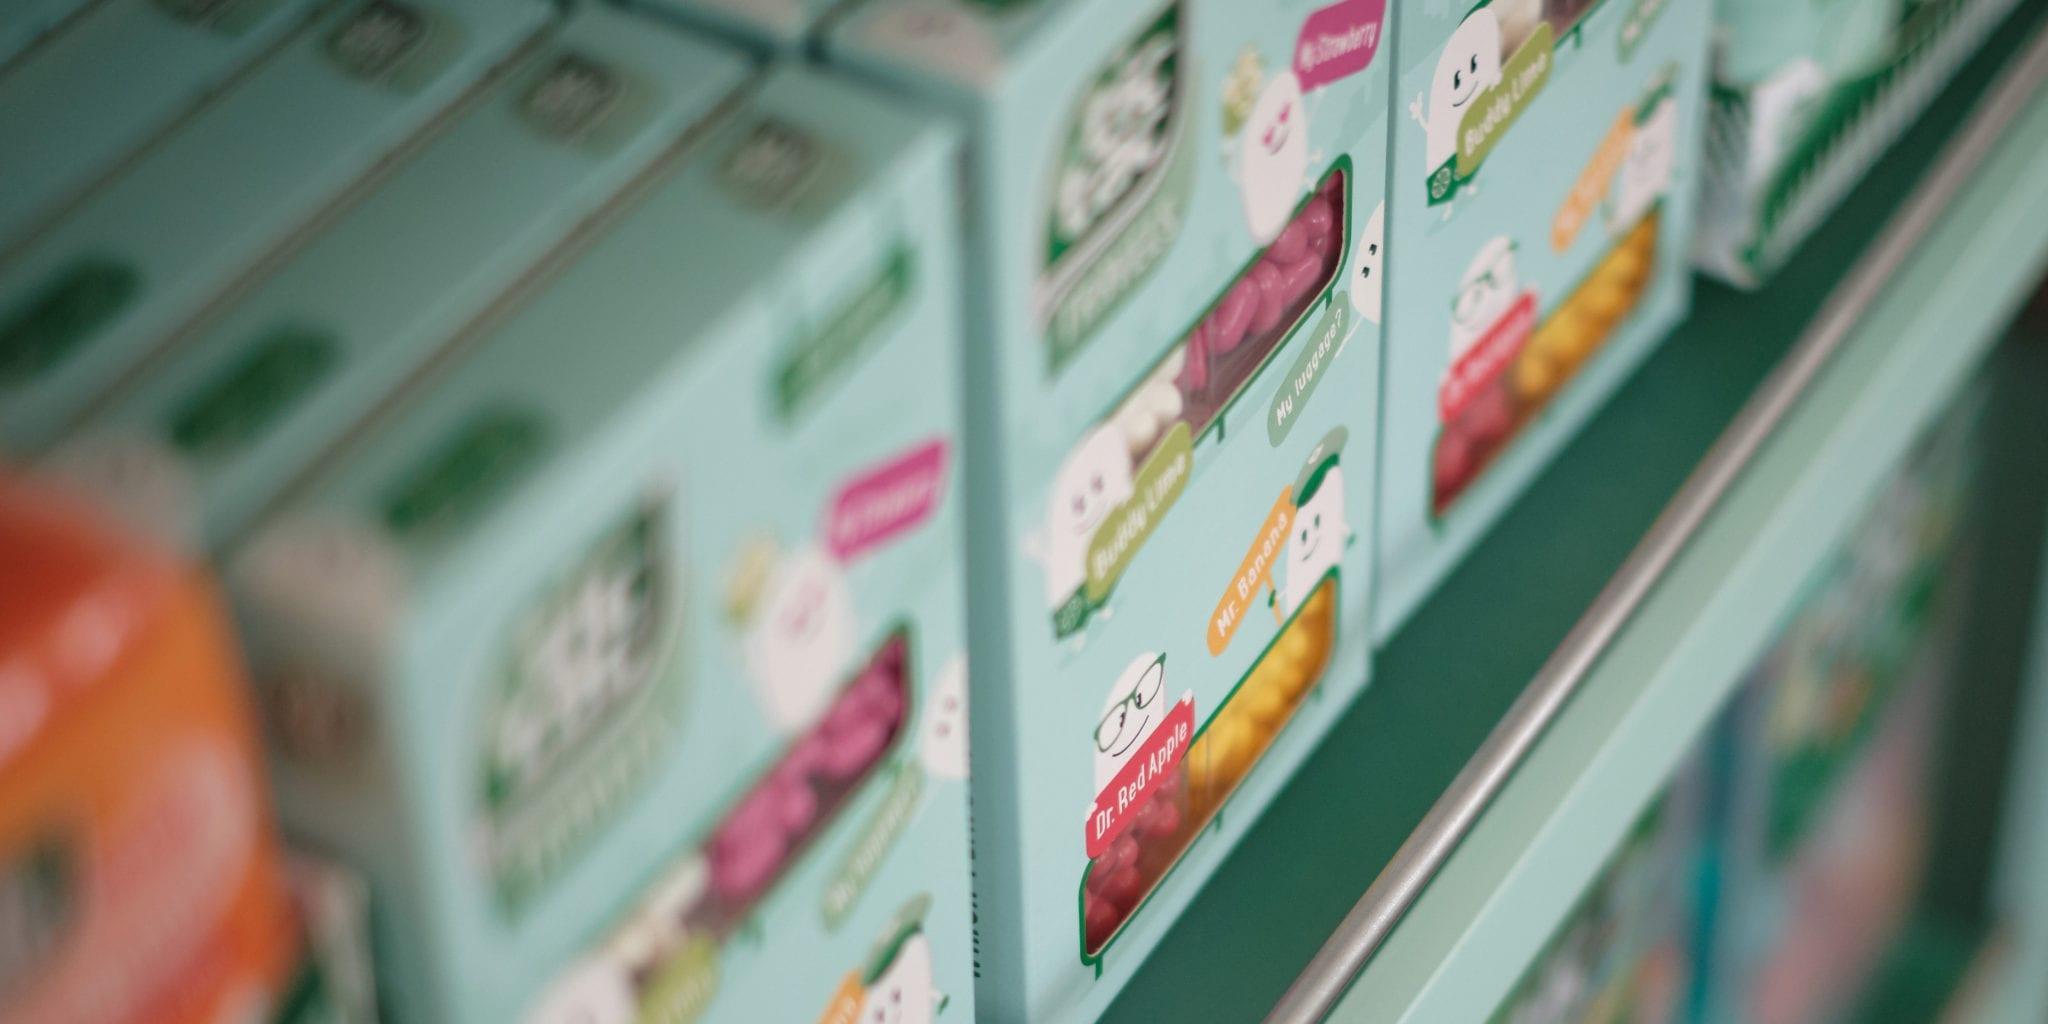 TicTac Multiflavor Boxes